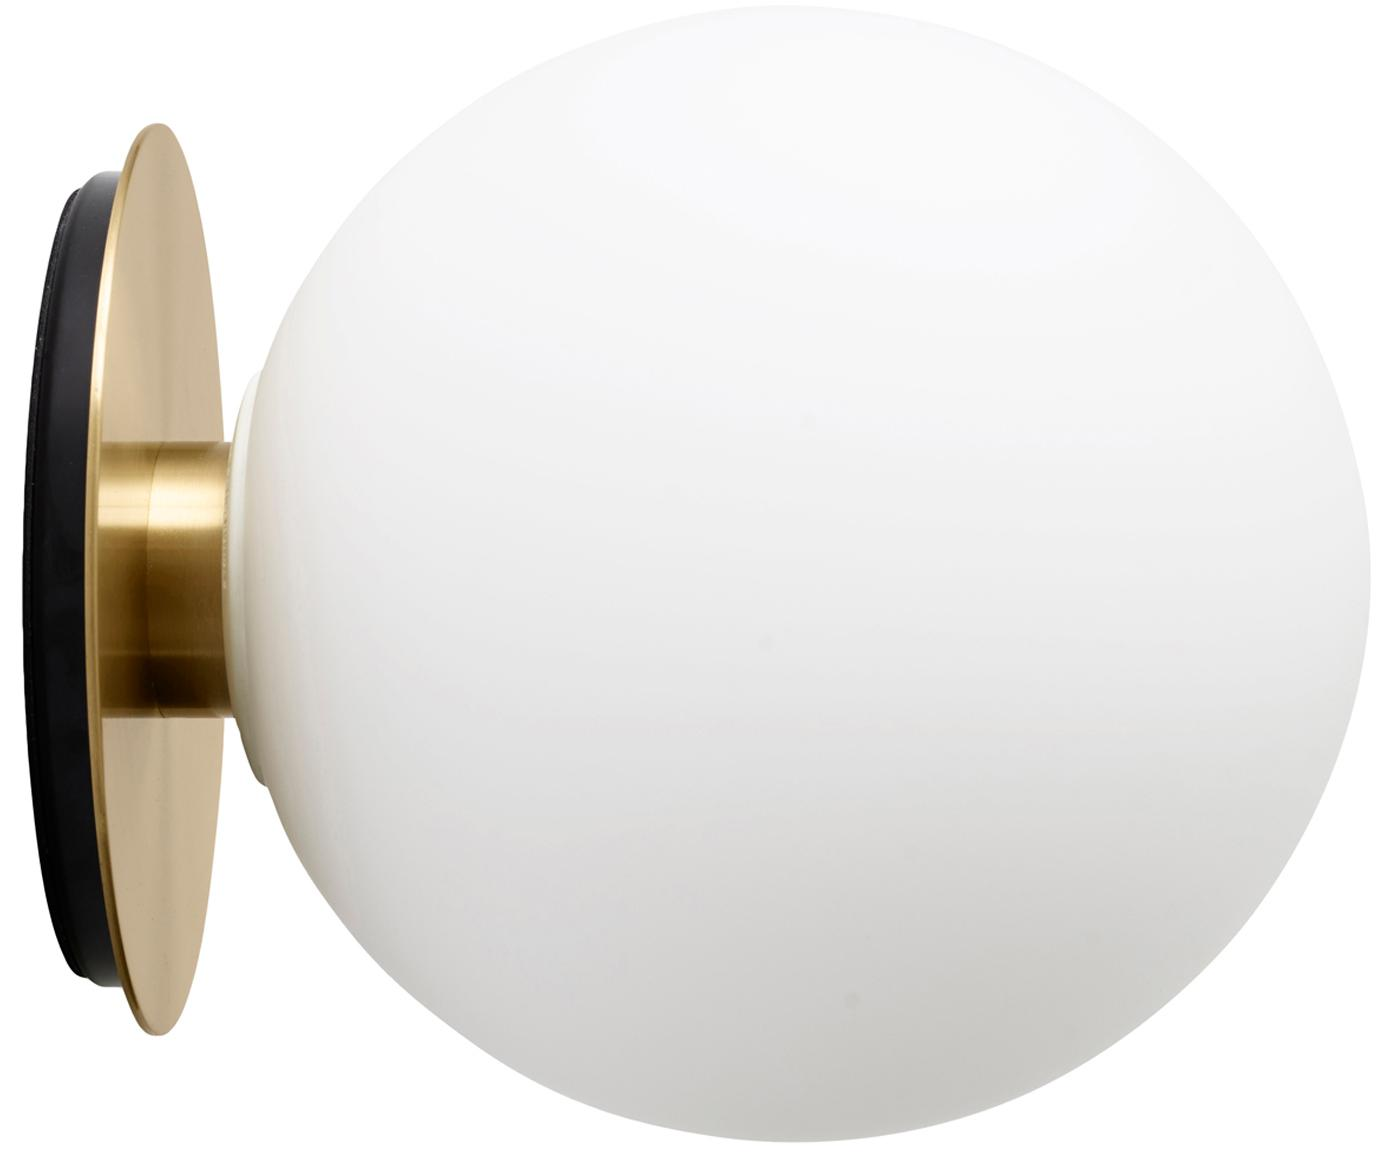 Kinkiet/ lampa suitowa LED TR Bulb, Odcienie mosiądzu, Ø 20 x G 22 cm